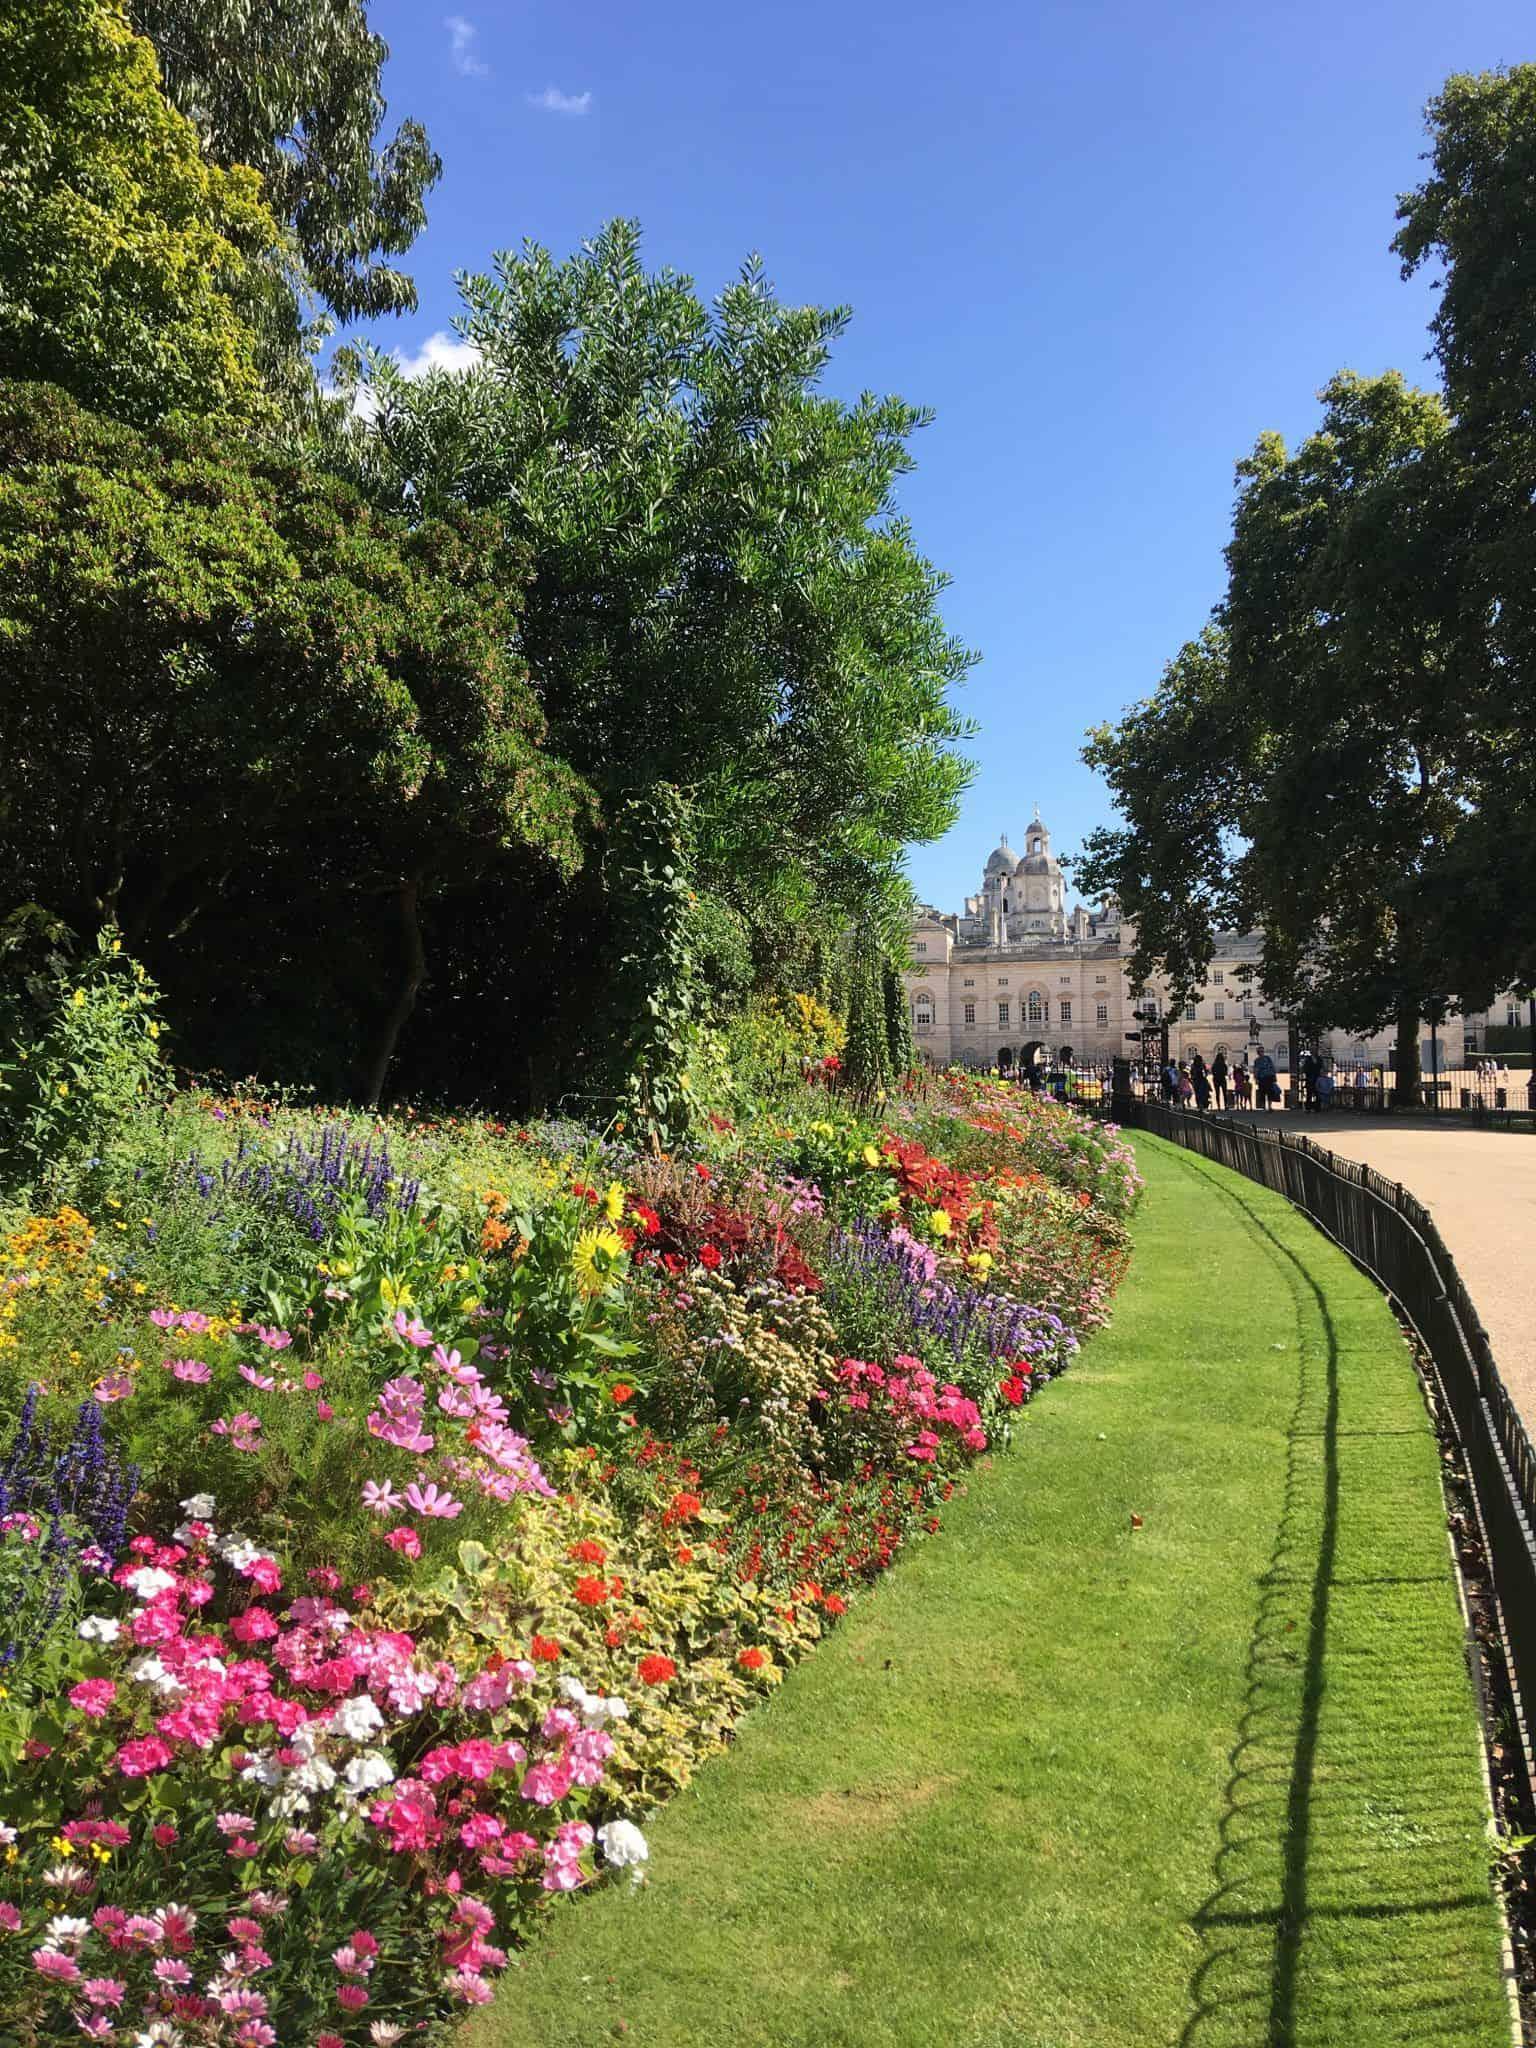 Chemin du Parc St James menant au Palais de Buckingham